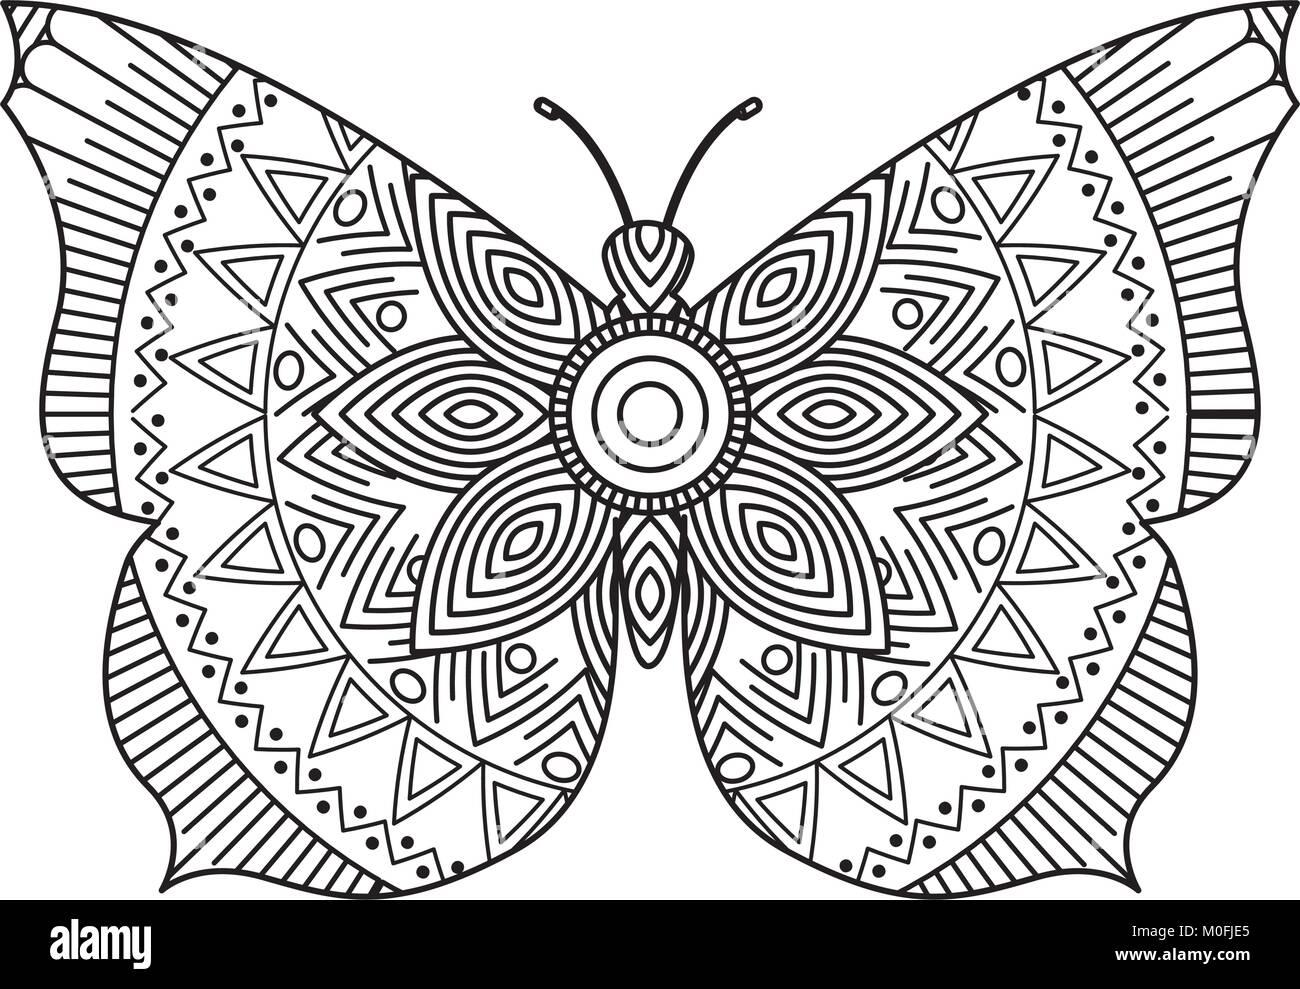 Excelente Páginas Para Colorear De Mariposas Para Adultos Viñeta ...